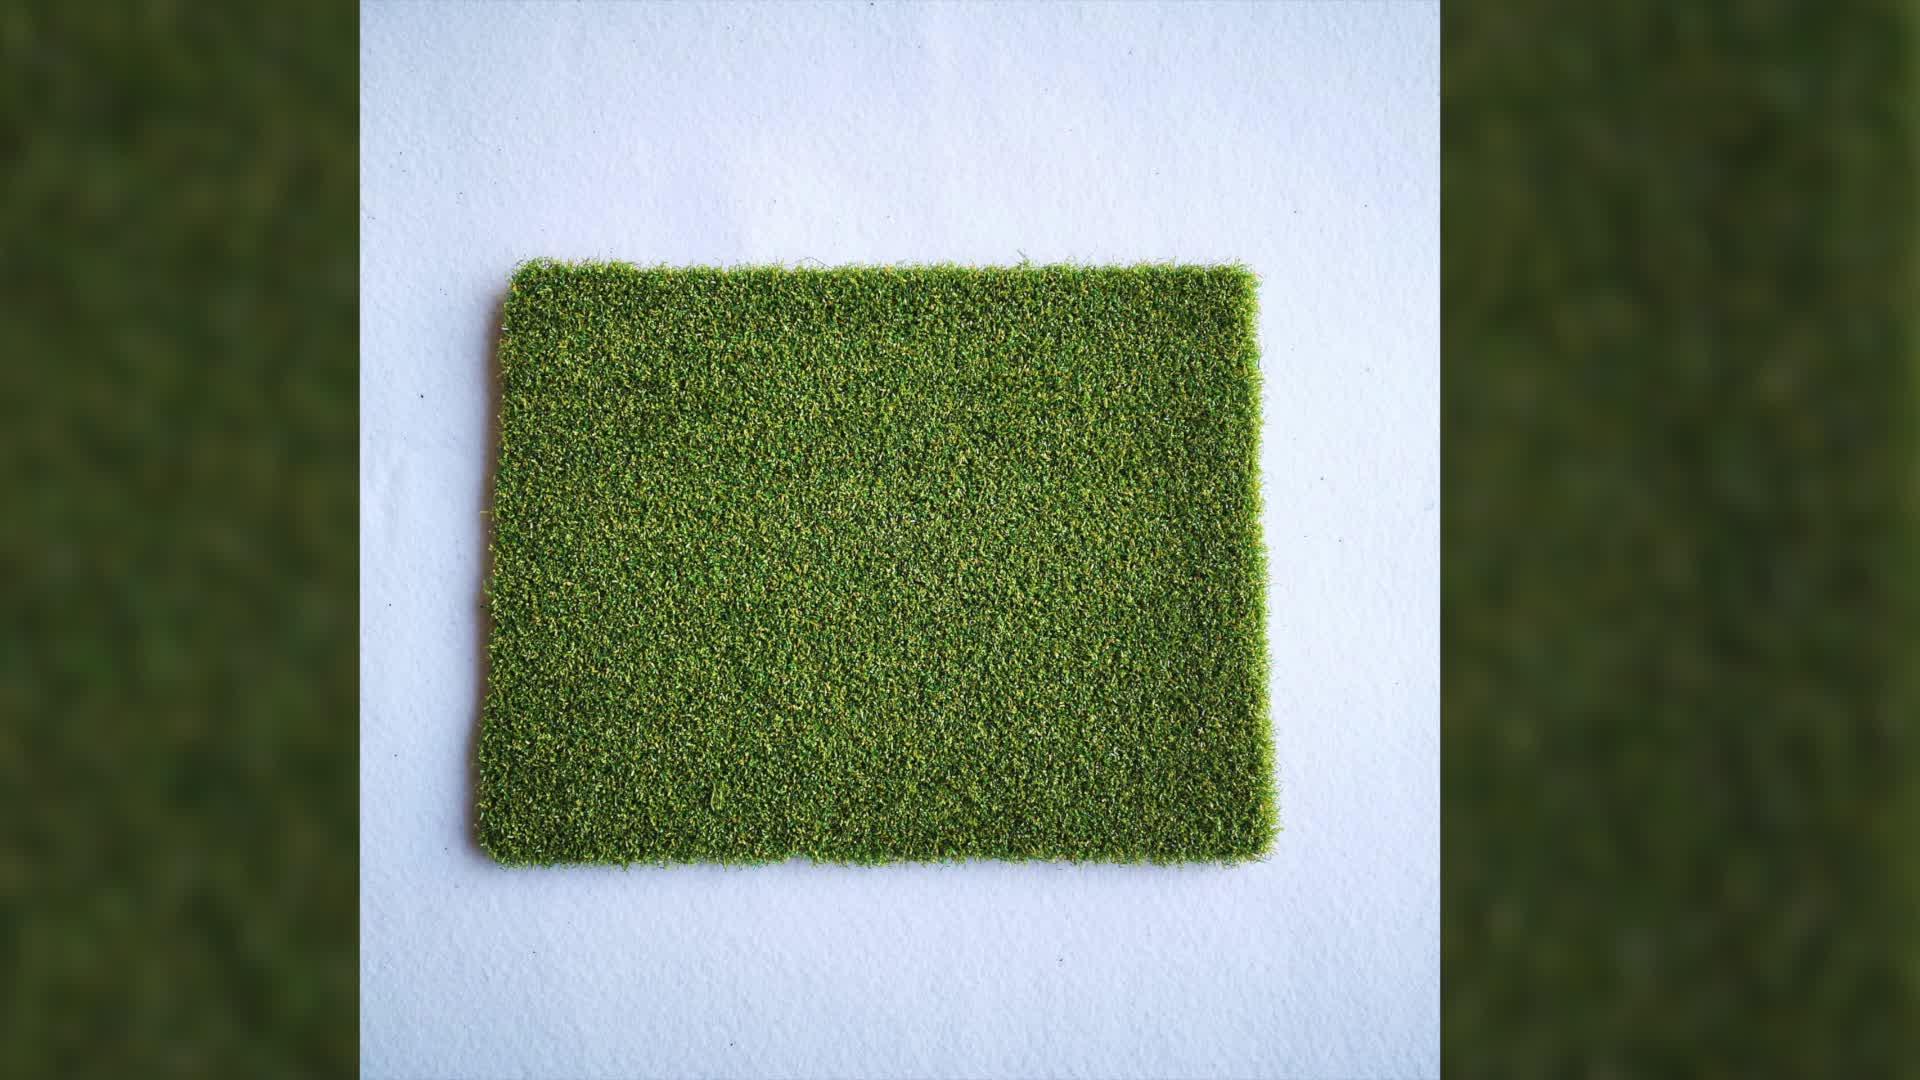 다섯 보증 랜드 바닥재 조경 합성 인공 잔디